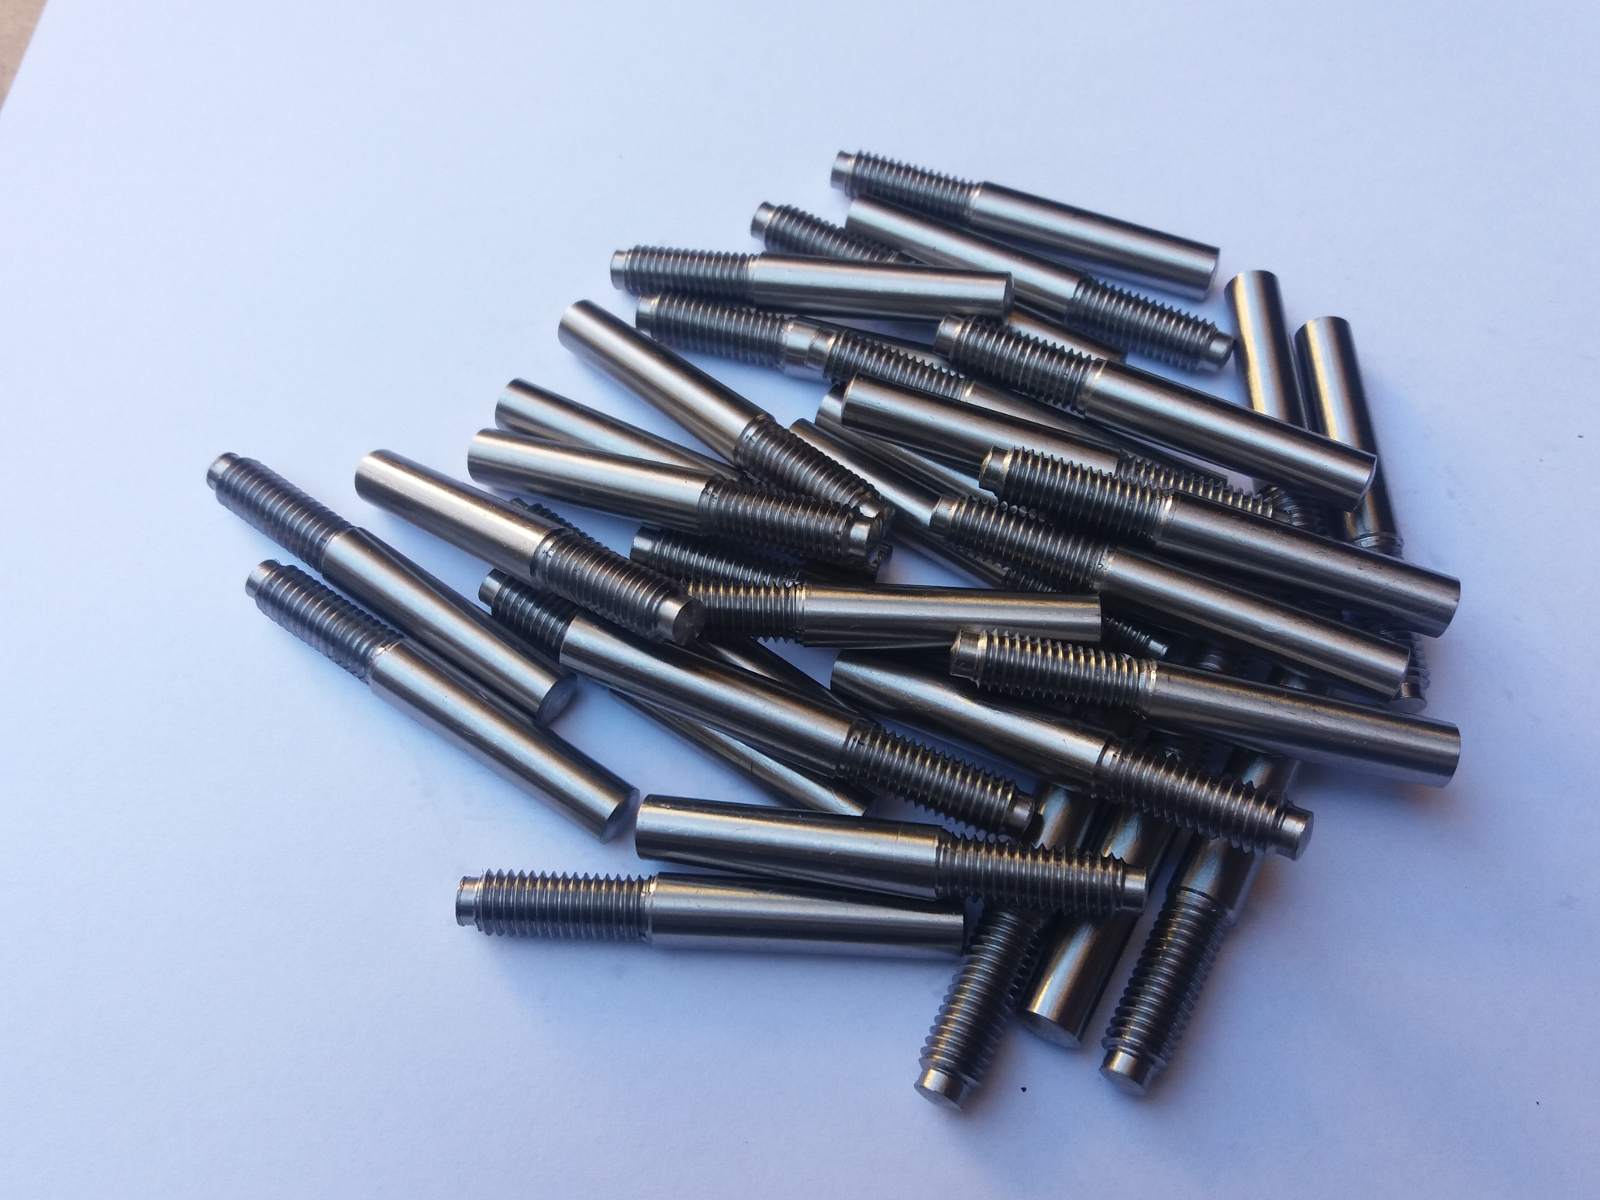 kołki stożkowe z czopem gwintowanym<br/>PN/M-85022, DIN-7977